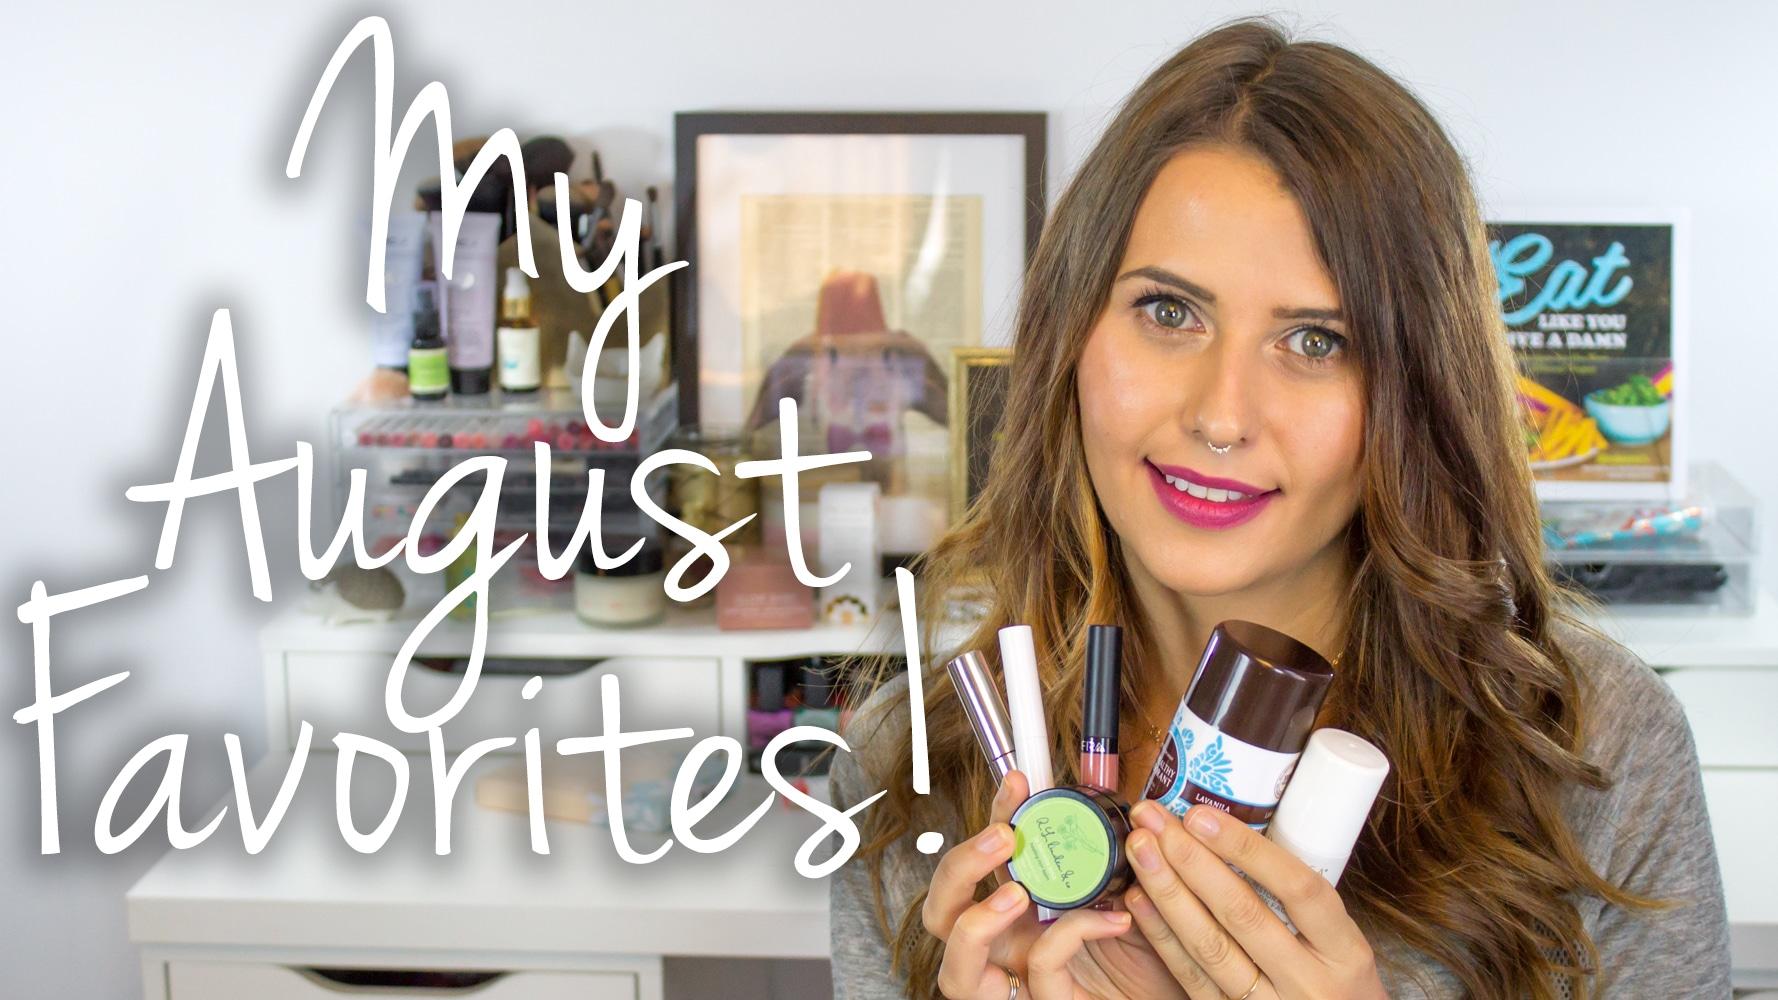 August Favorites 2015 Video